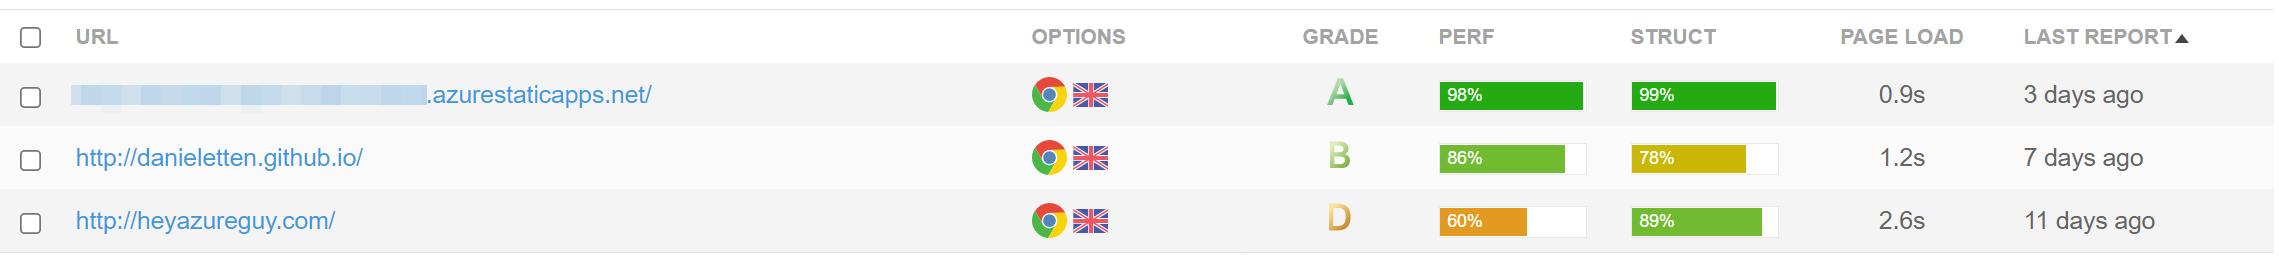 GTMetrics website compare